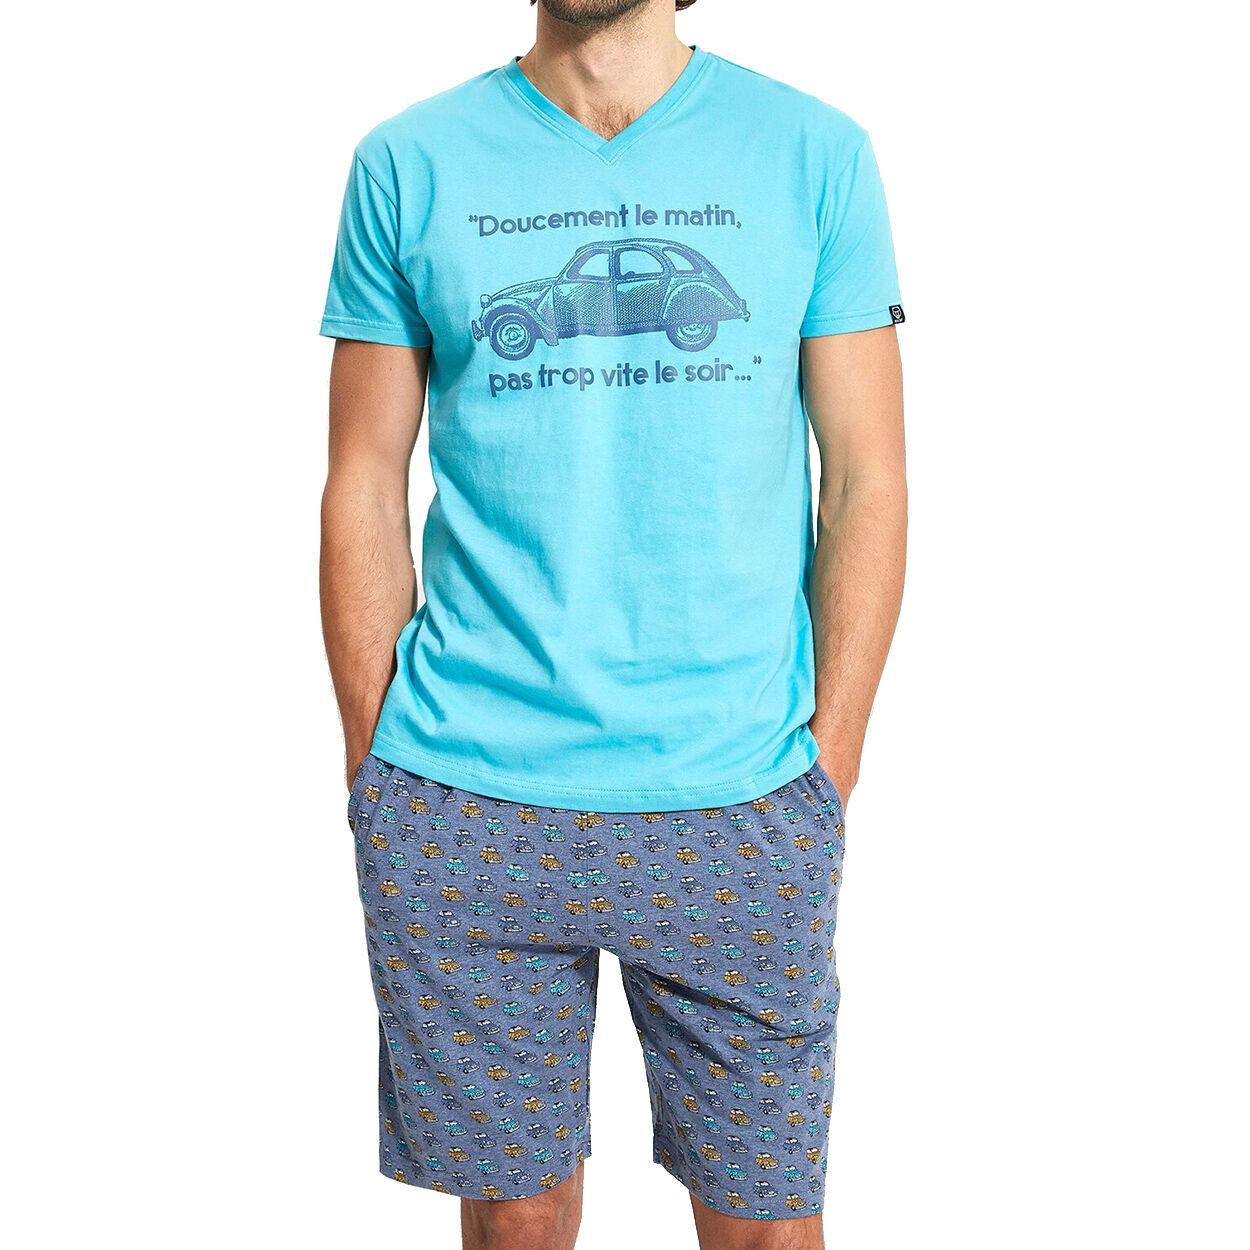 Arthur Pyjama court Arthur 2CVH en coton bio : tee-shirt col V bleu azur floqué et short bleu denim imprimé voitures - BLEU AZUR -